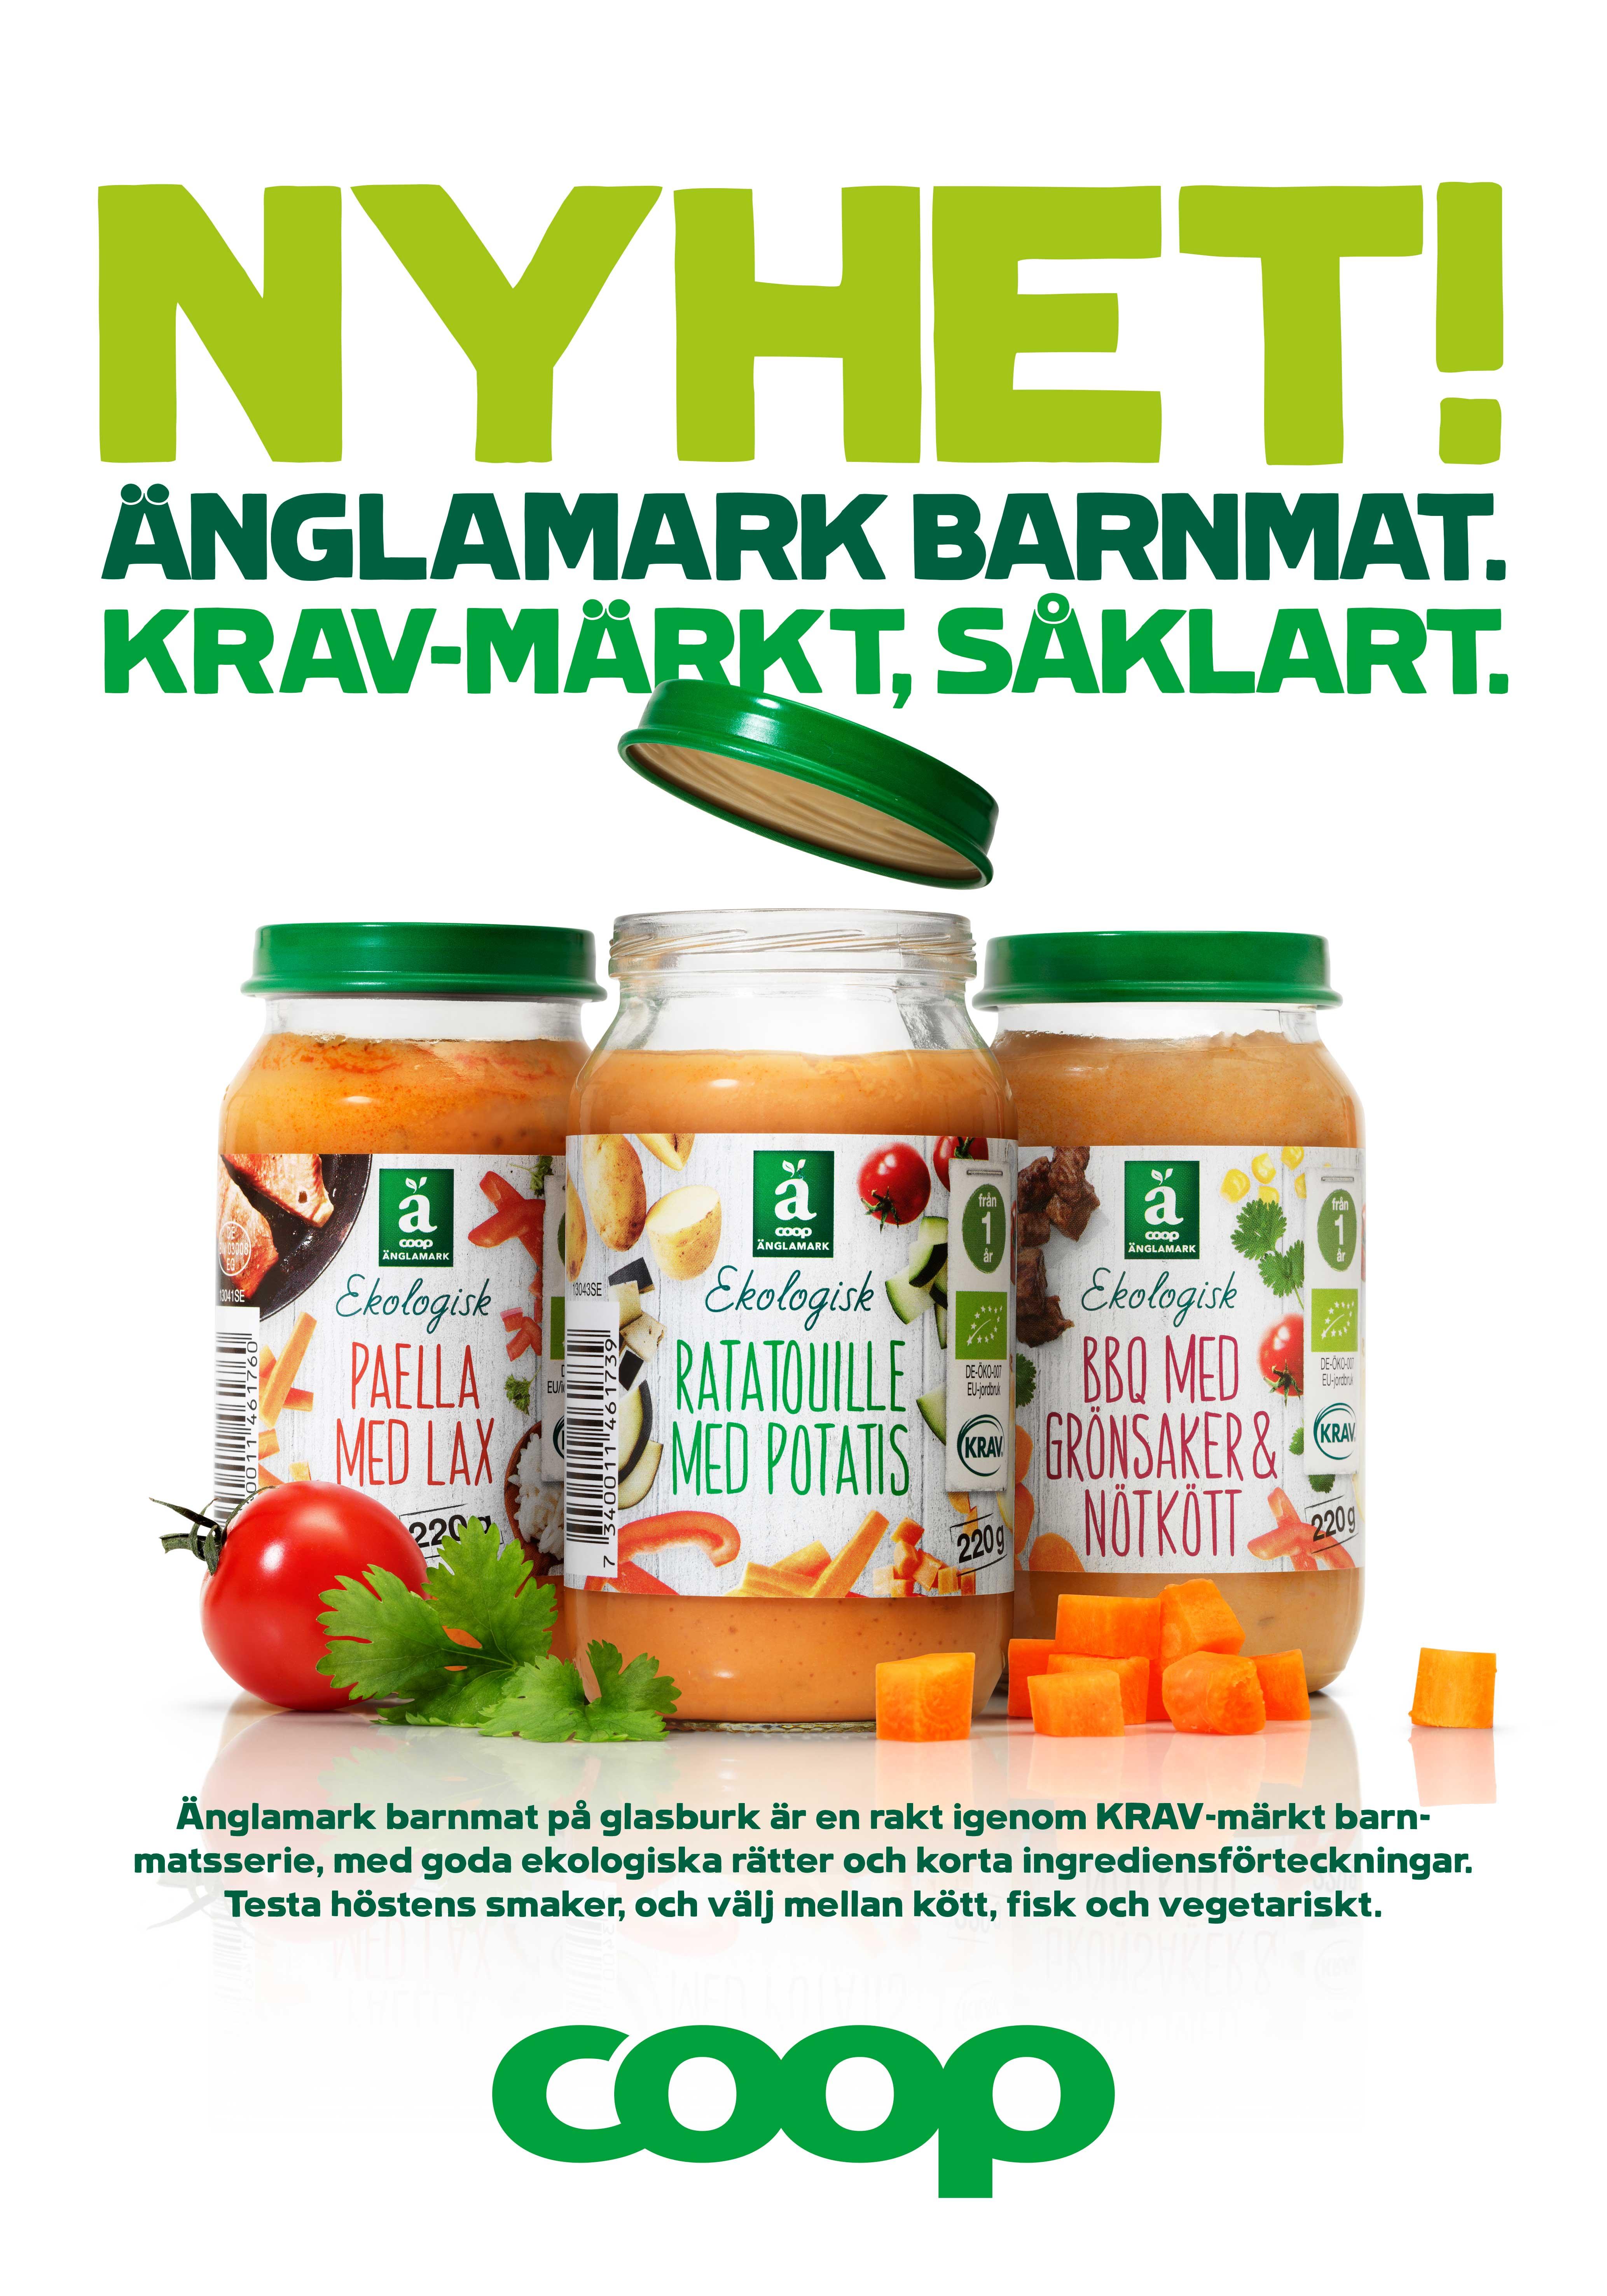 EVM_Barnmat_Affischer